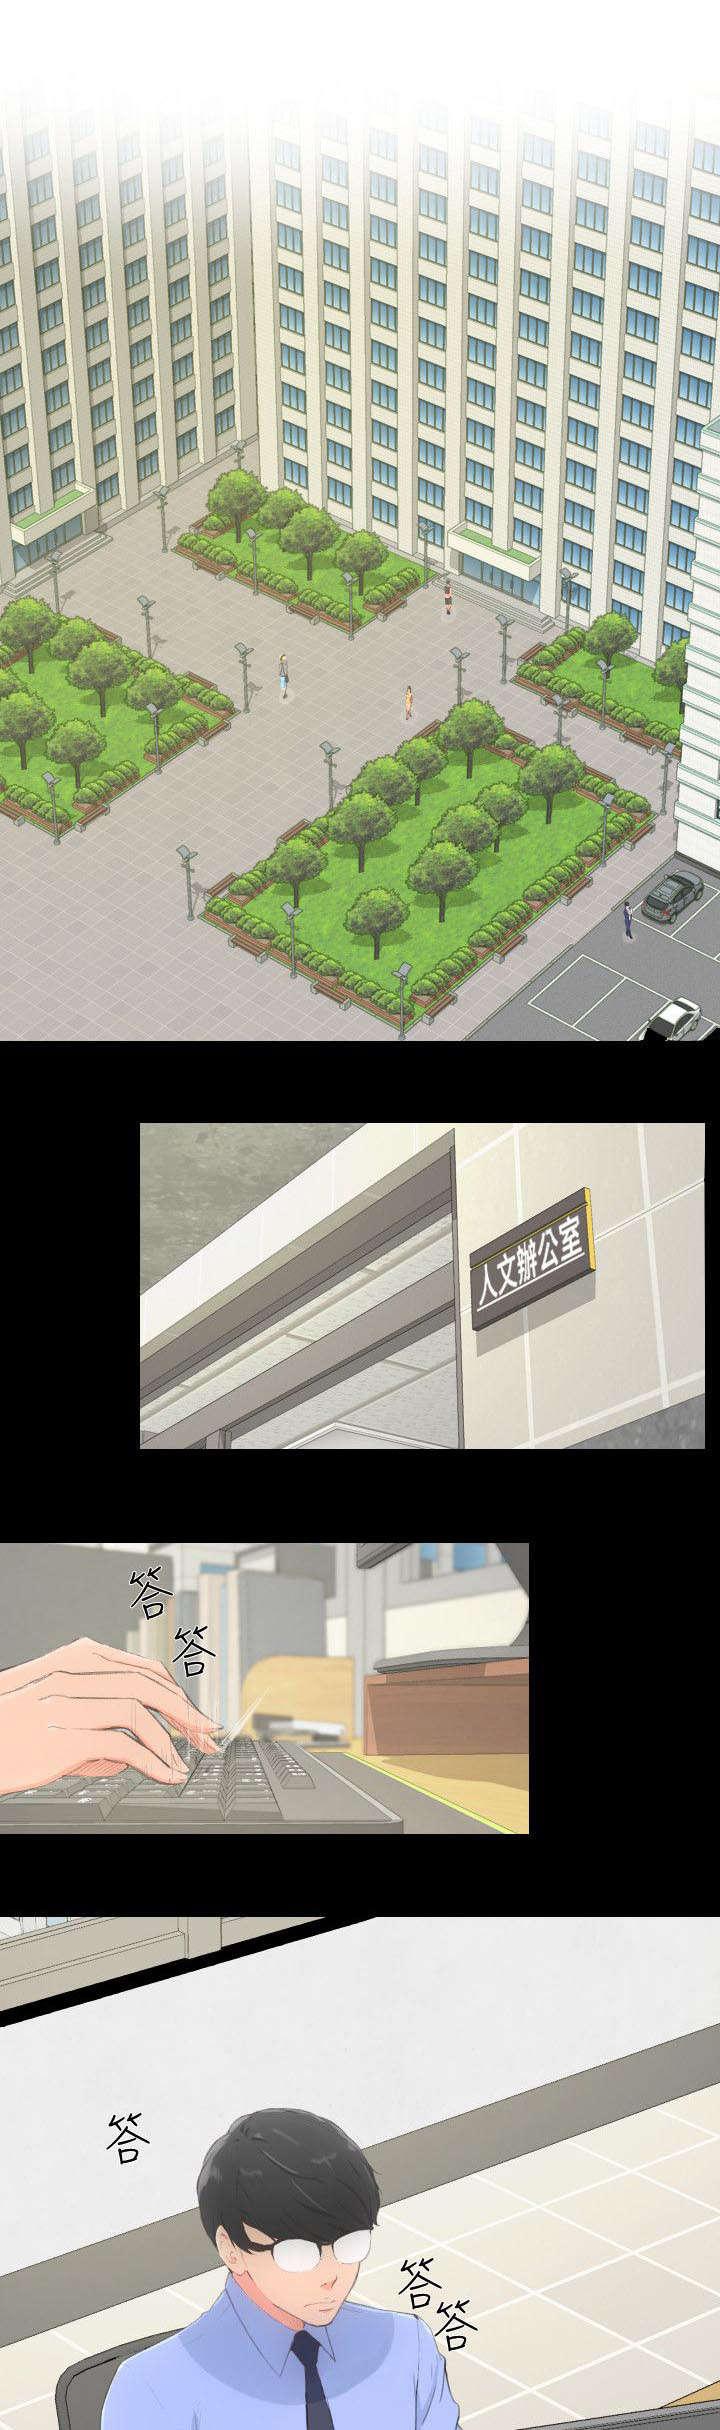 《图书馆大叔》——(漫画韩漫)——(全文免费阅读)